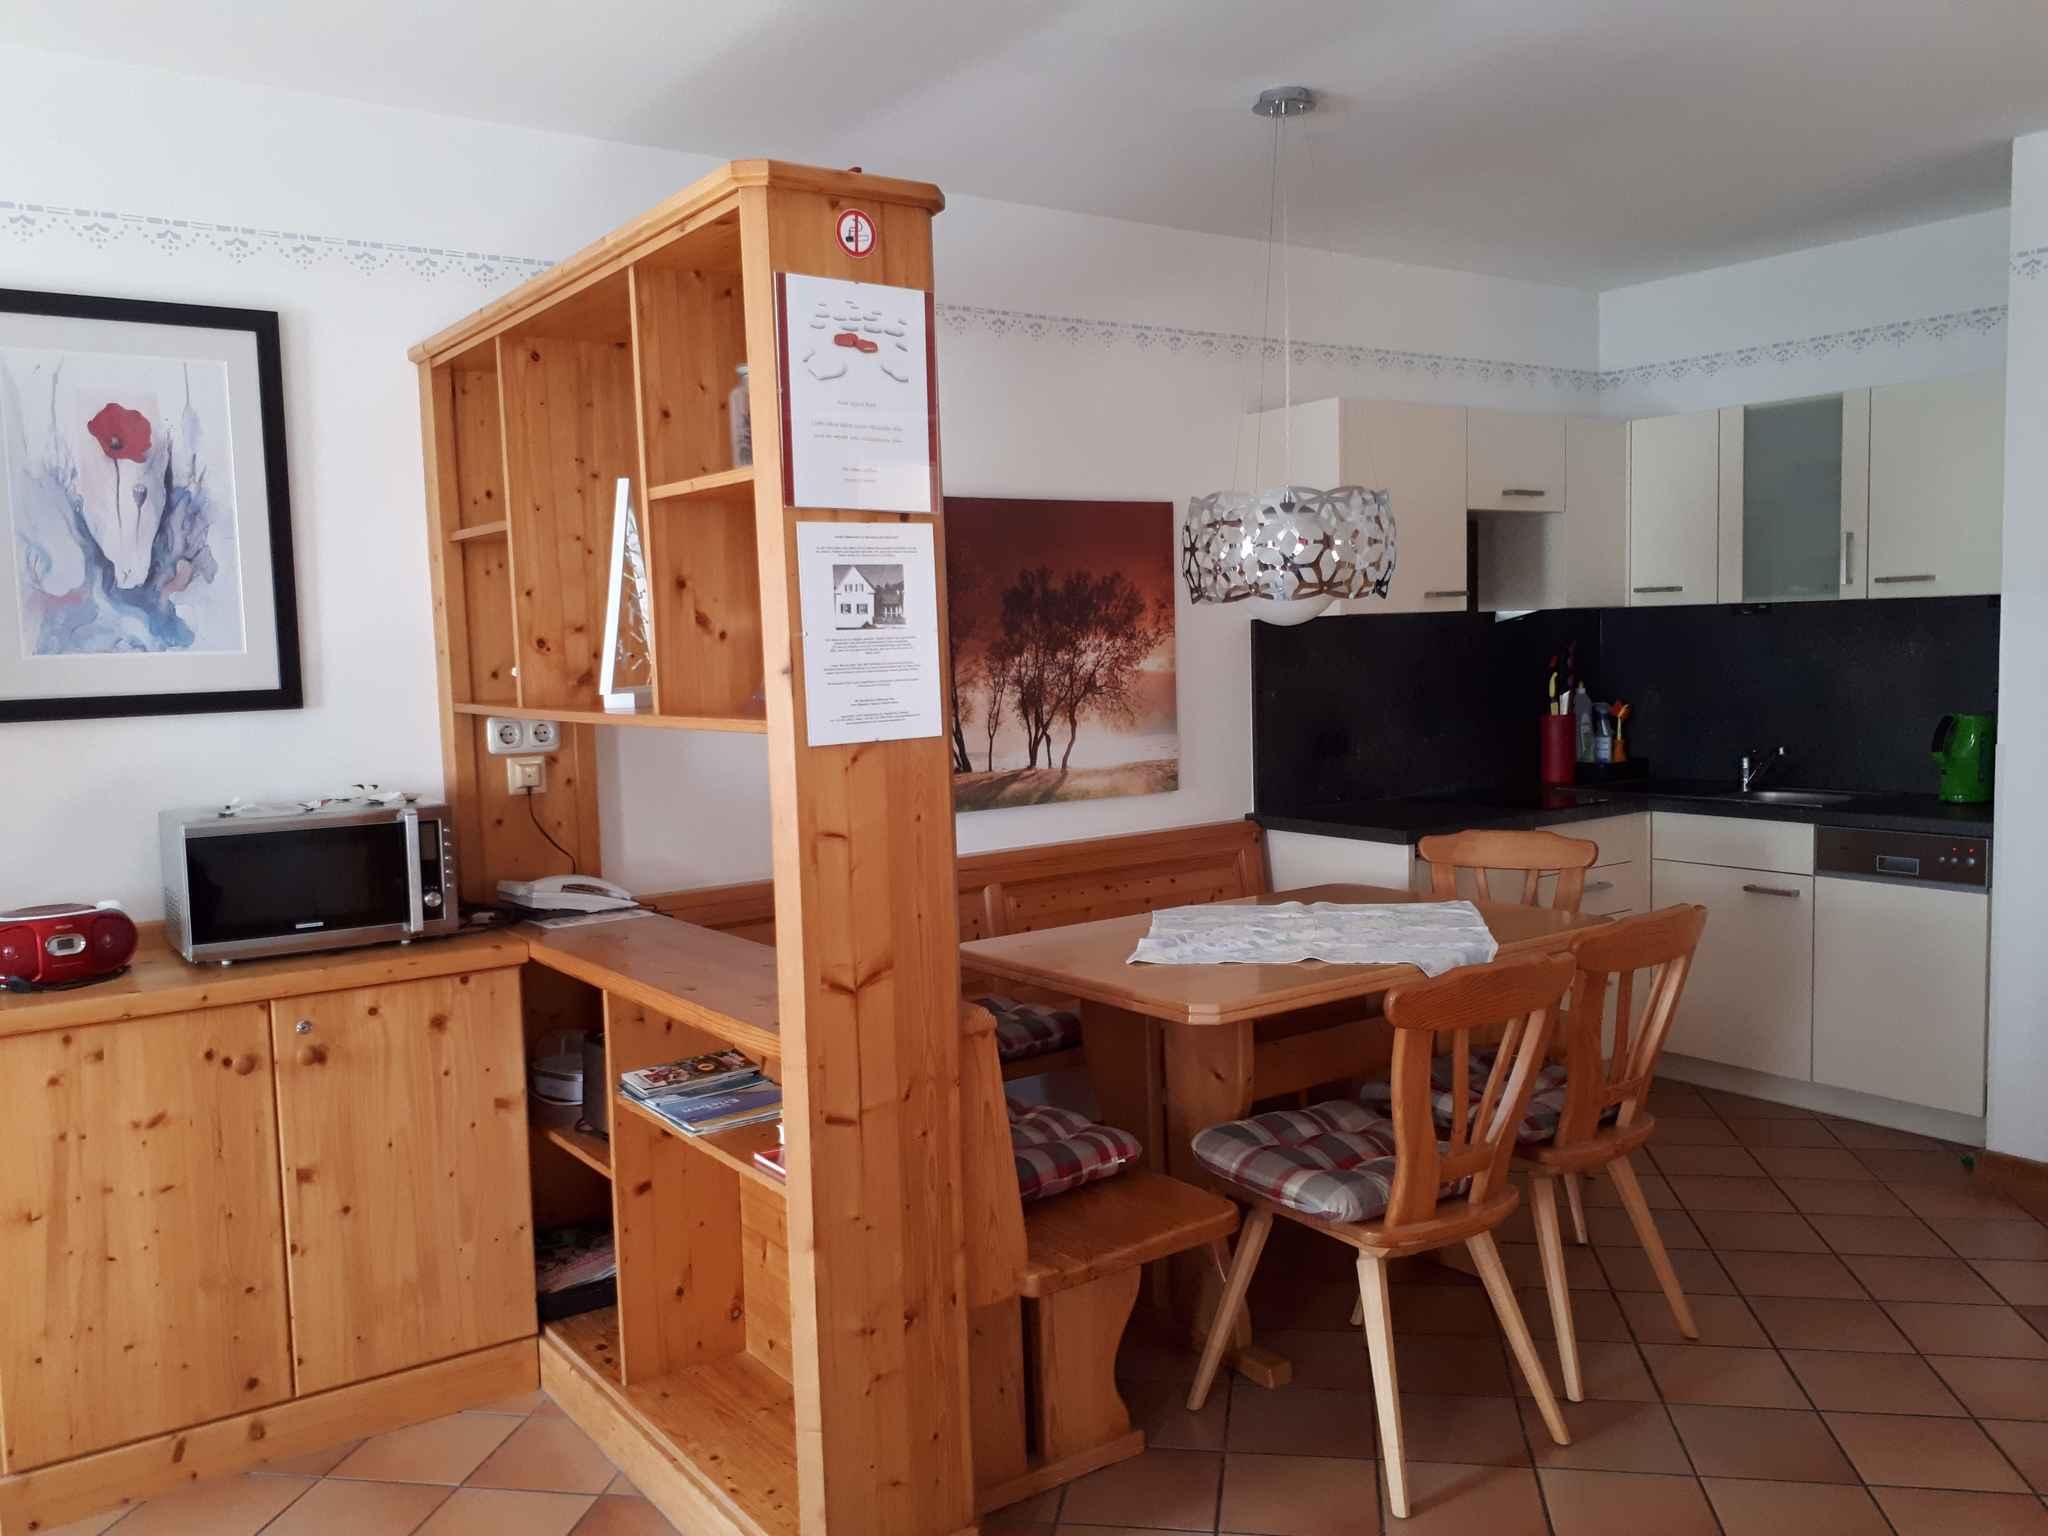 Ferienhaus im Thermal-Biodorf inkl. Wellness (430208), Bad Waltersdorf, Oststeiermark, Steiermark, Österreich, Bild 10